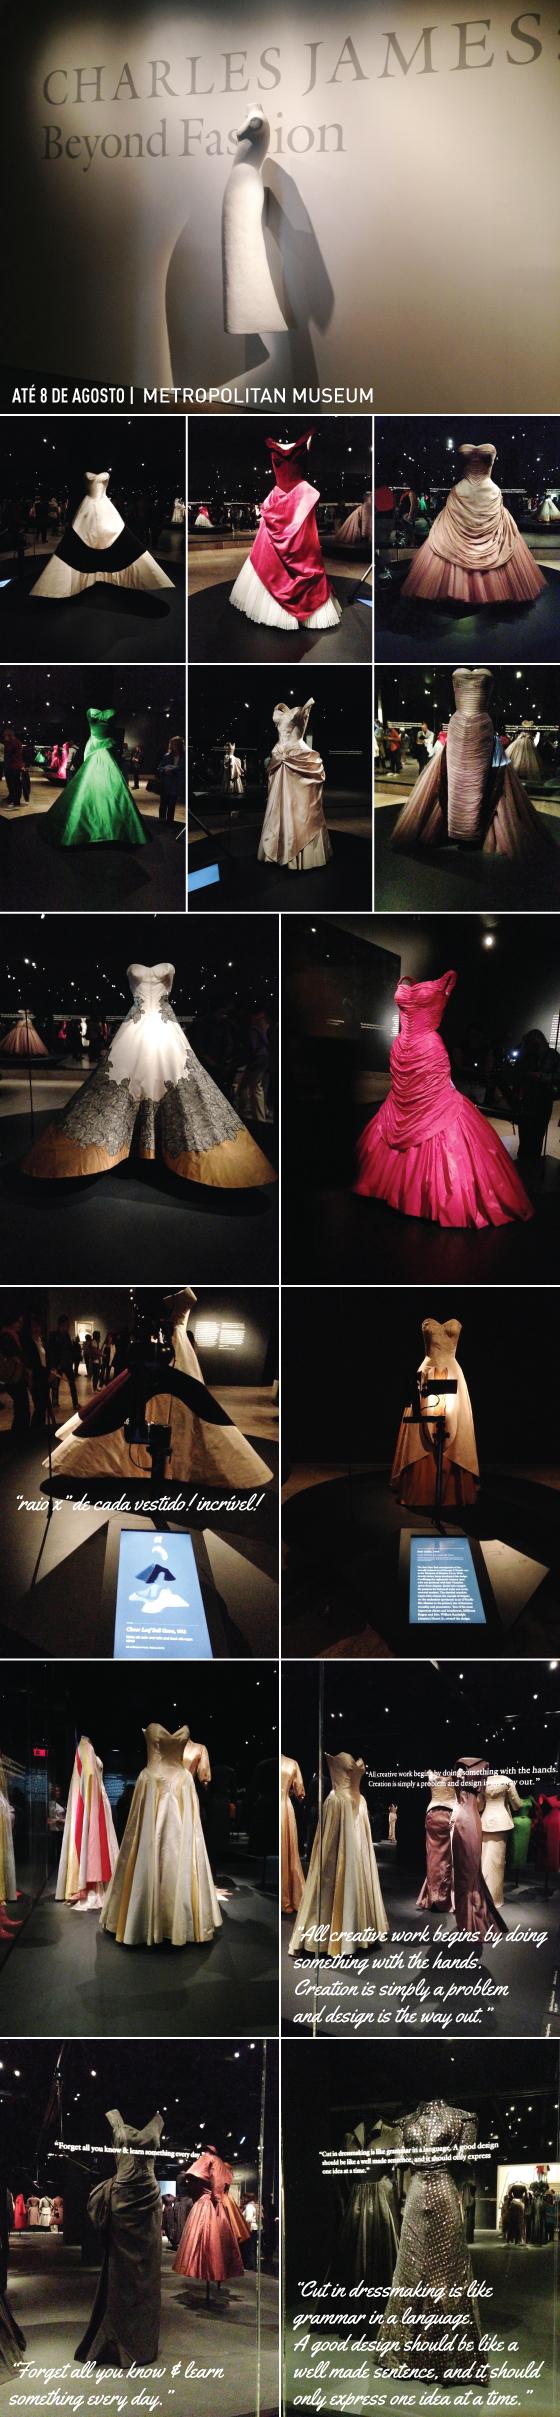 charles-james-ny-new-york-exhibition-viagem-dica-exposicao-met-metropolitan-tips-travel-nova-iorque-museu-moda-fashion-beyond-fashion-fotos-review